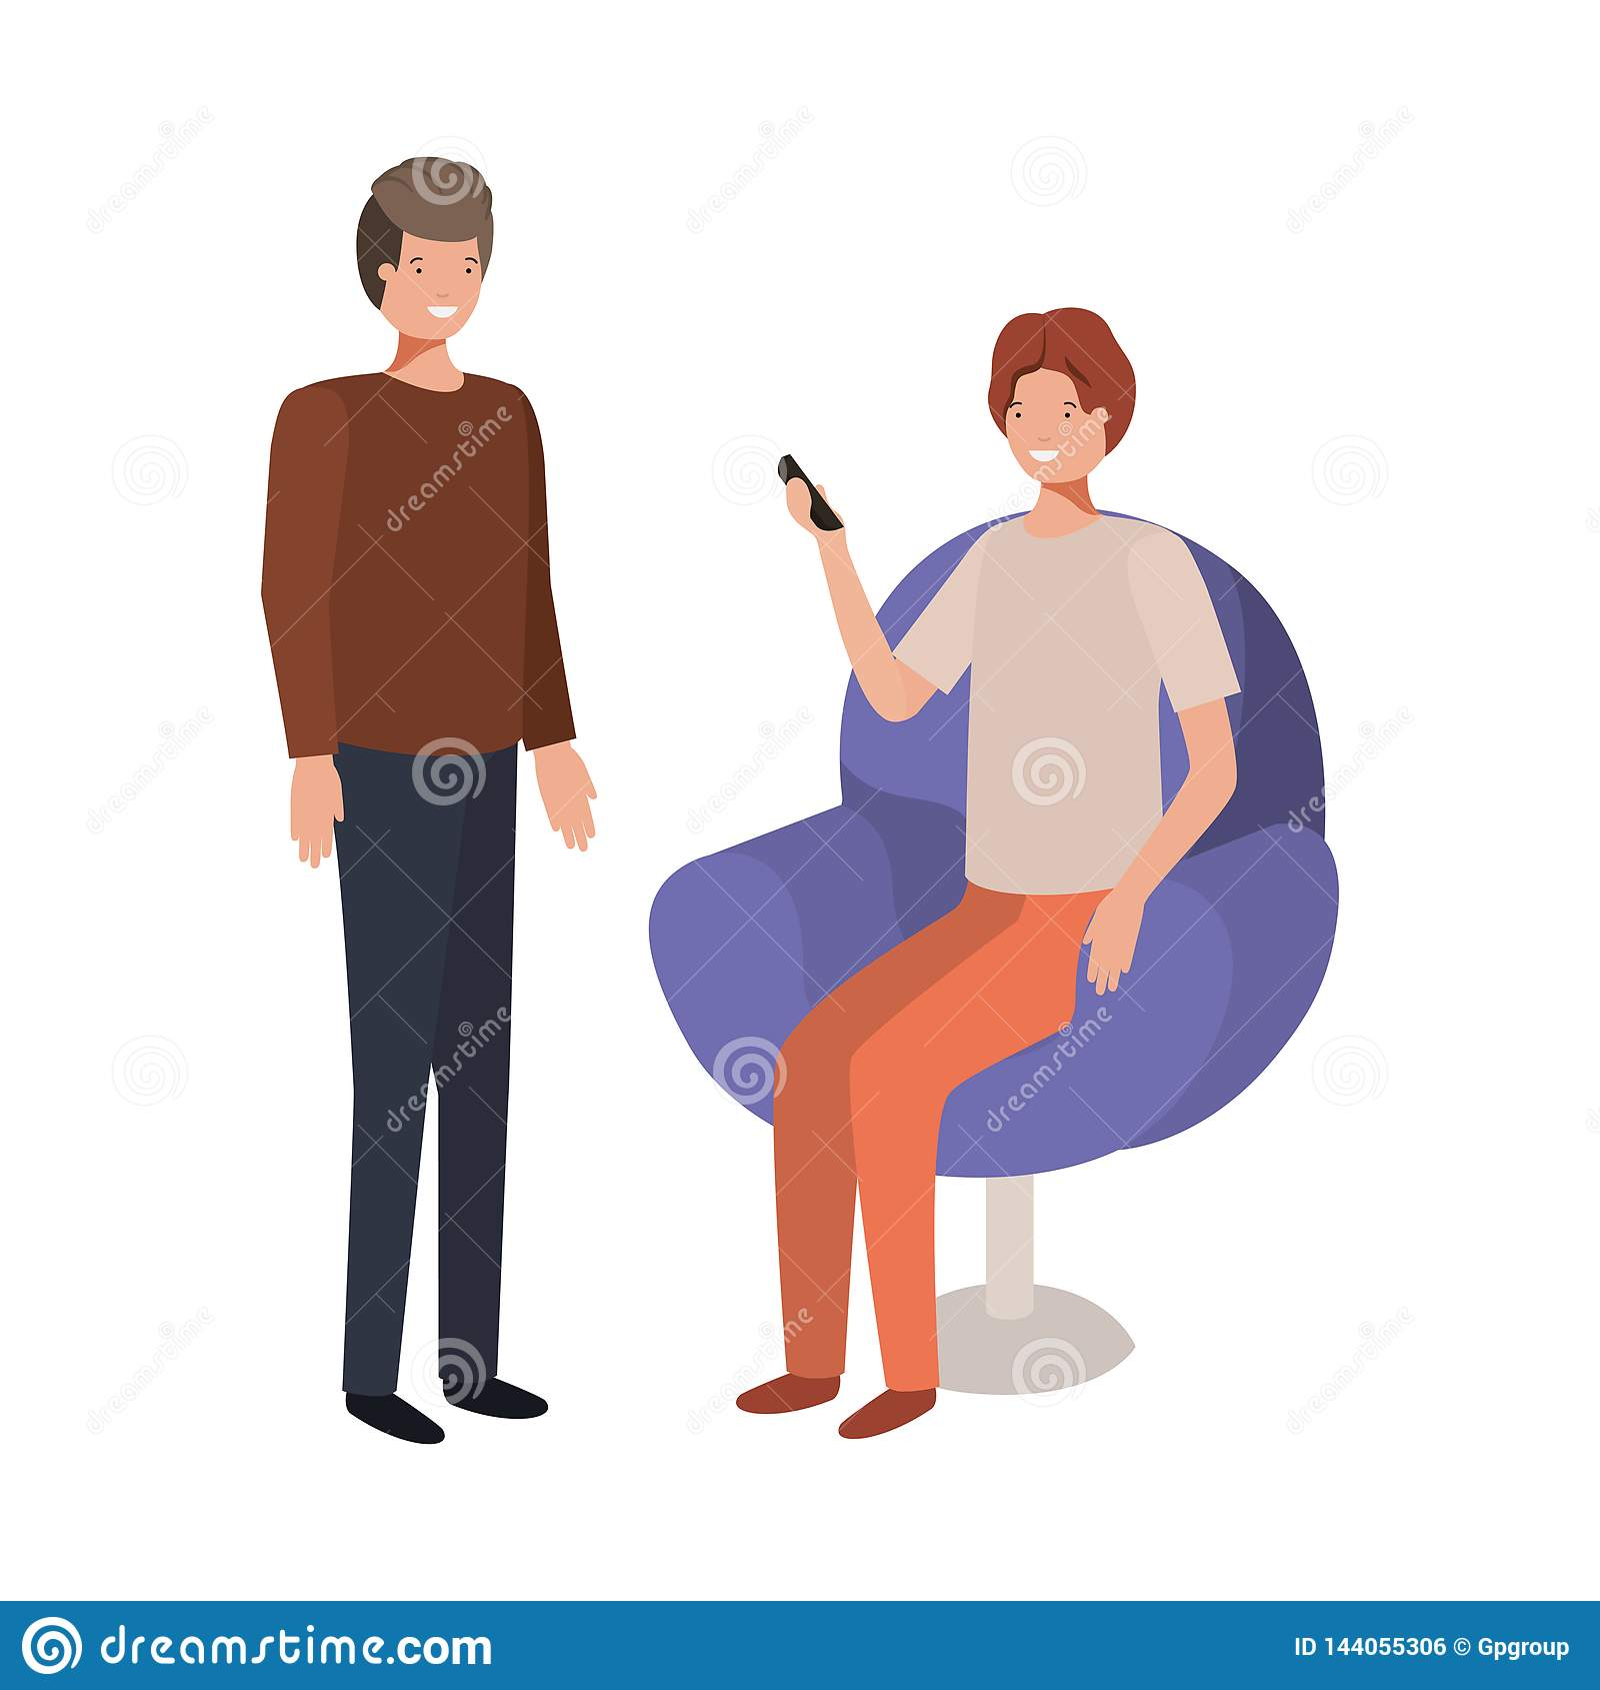 坐在与智能手机的椅子的年轻人